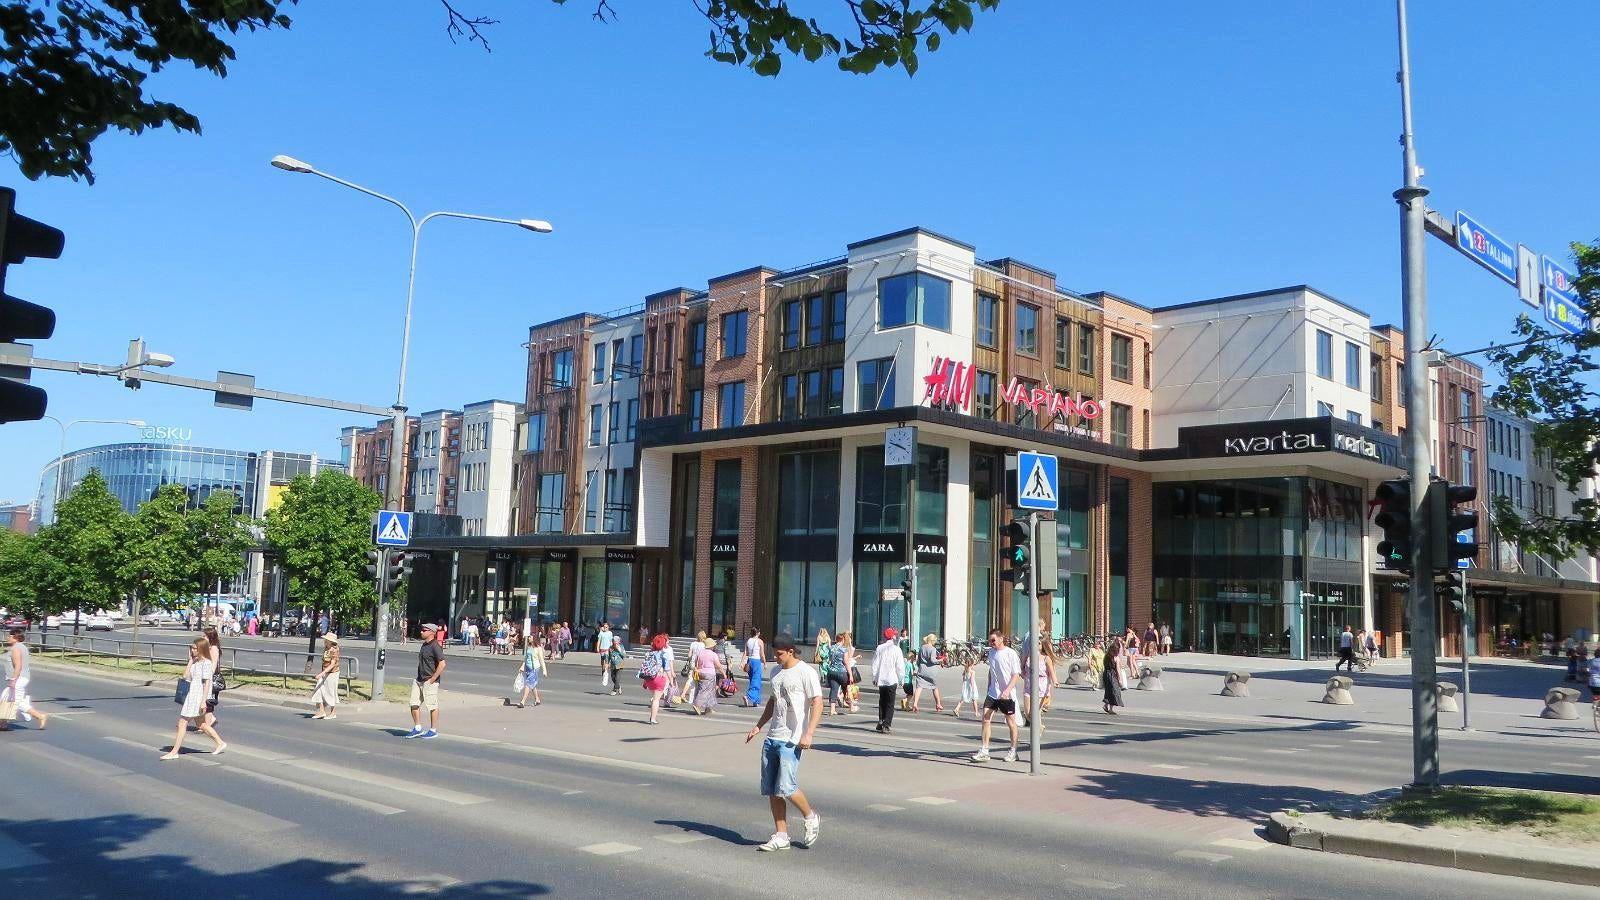 Visit Kvartal Tartu Tartu Visiting Street View